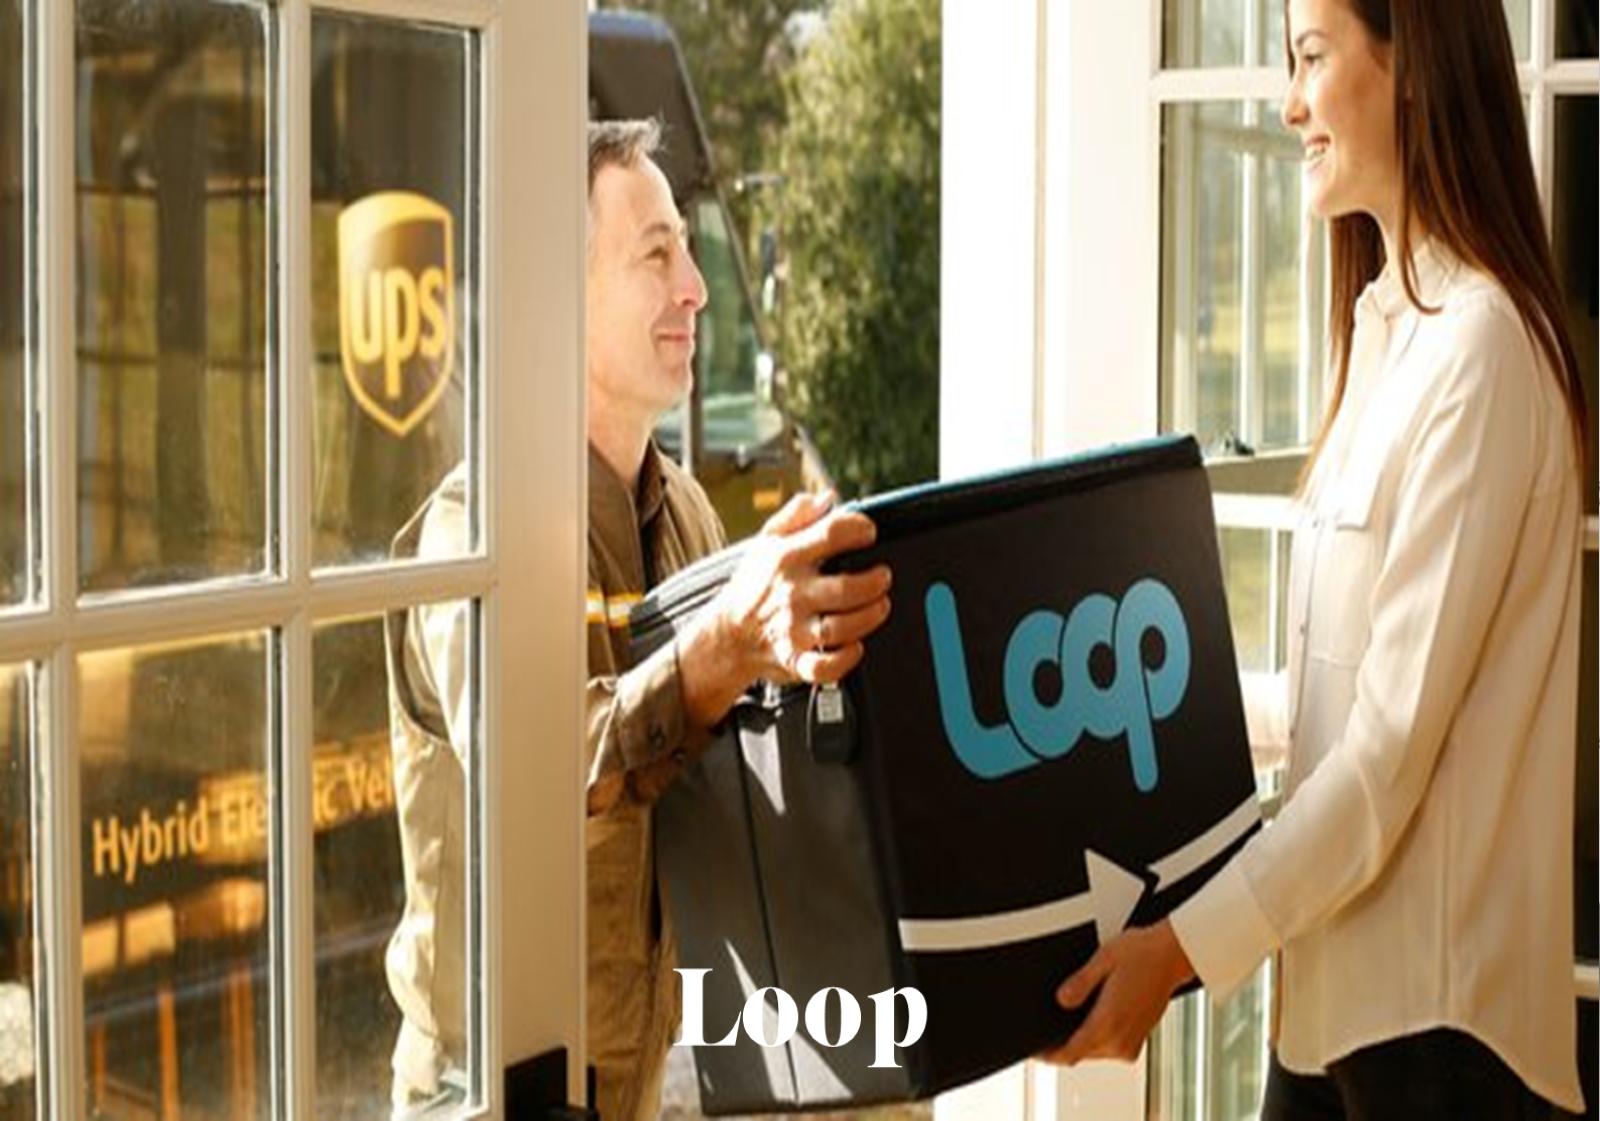 loop-e-commerce-zéro-déchet